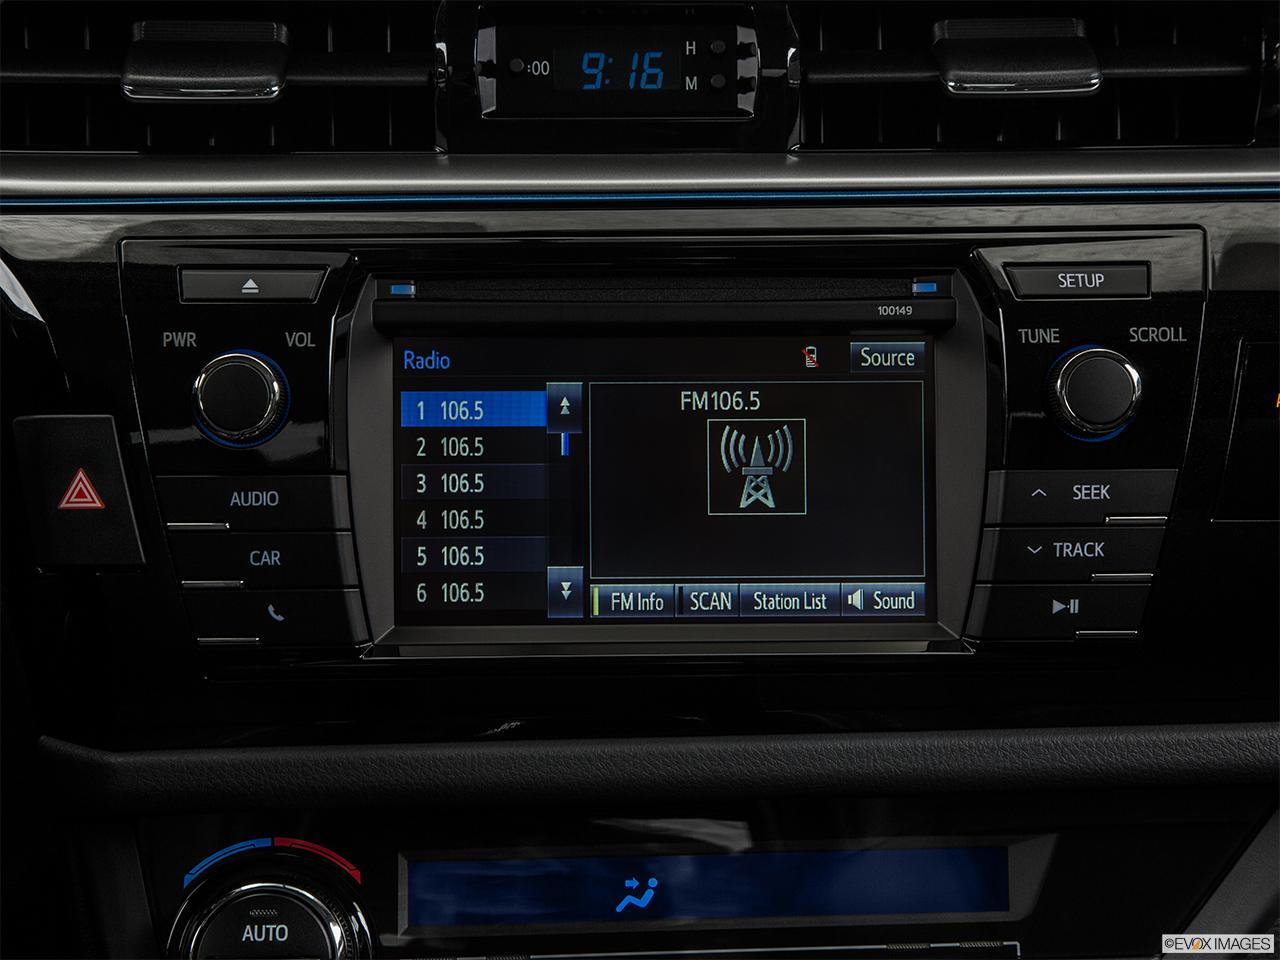 2015 toyota corolla radio manual